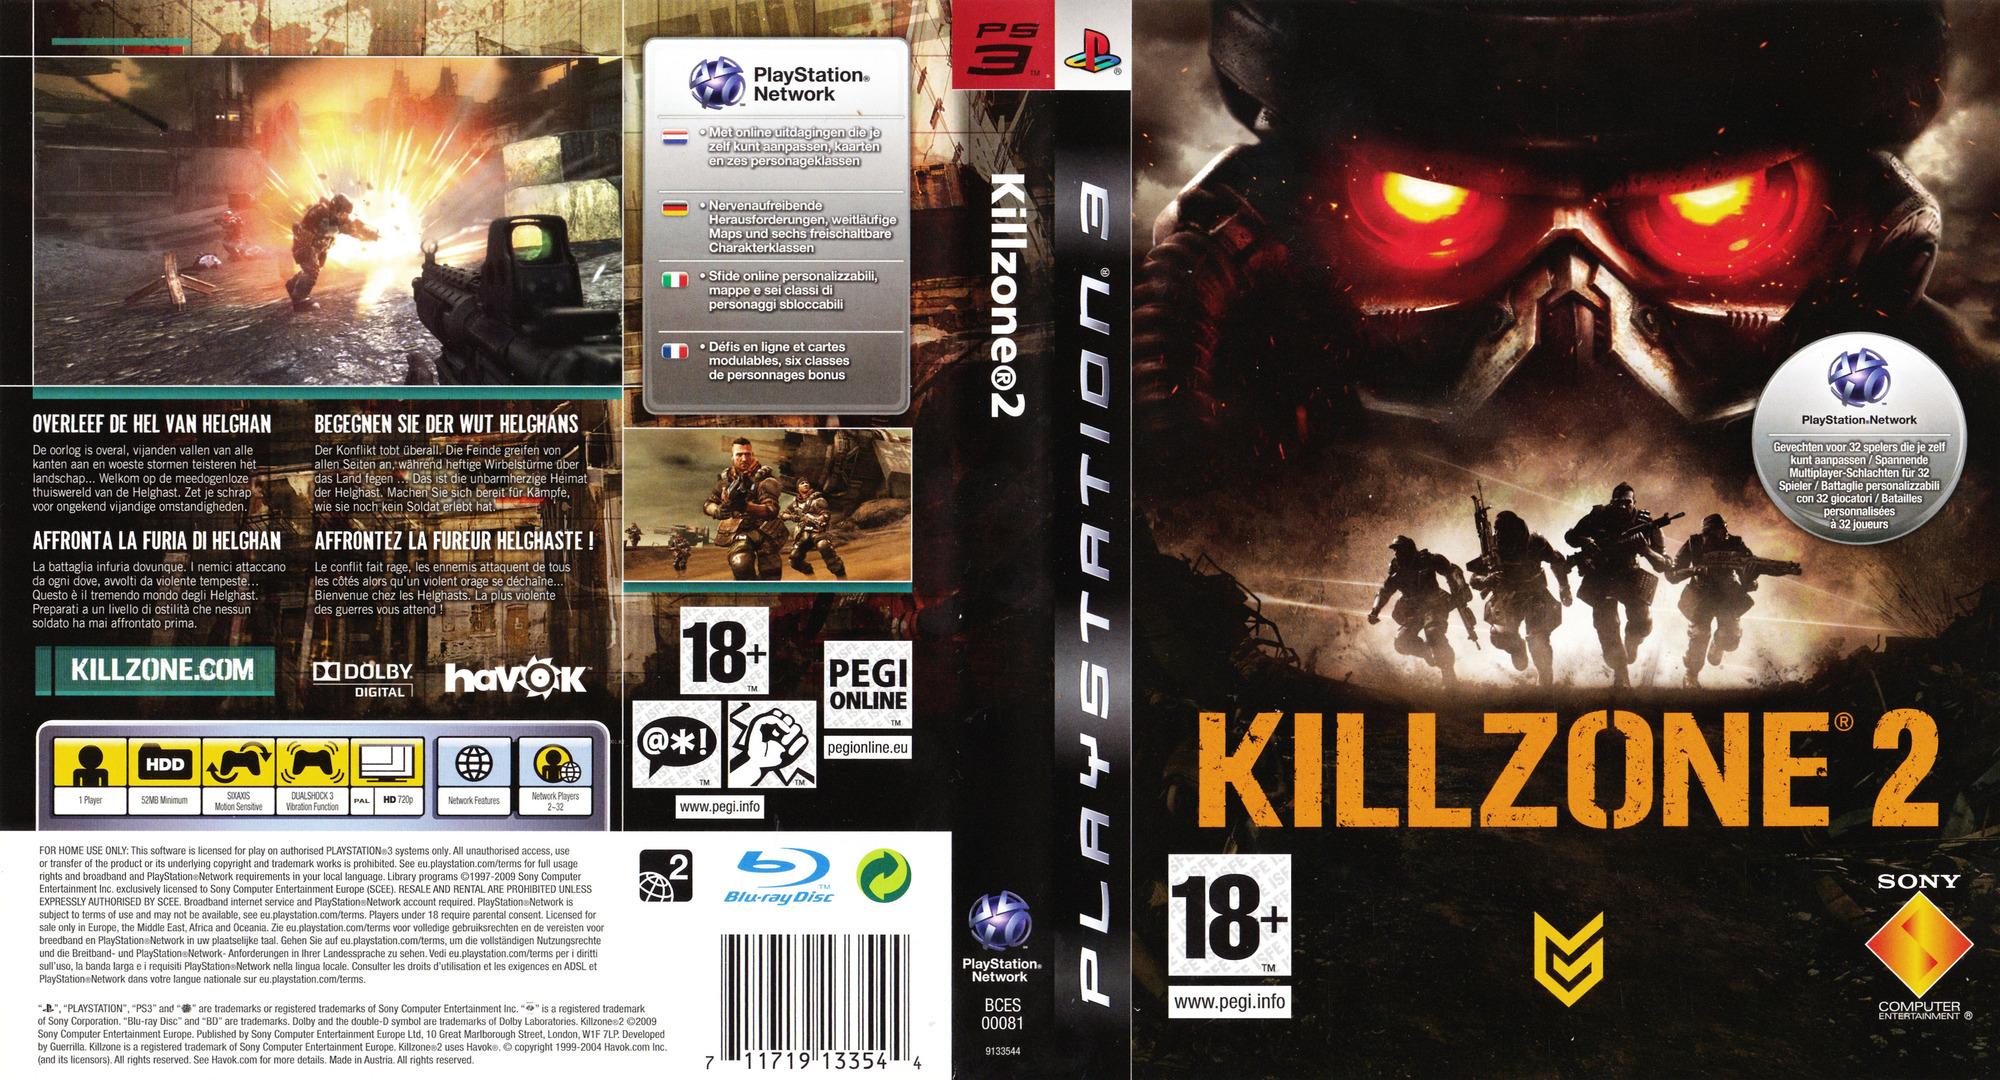 PS3 - Killzone 2 [EU][ALL-DLC][PKG][MEGA]